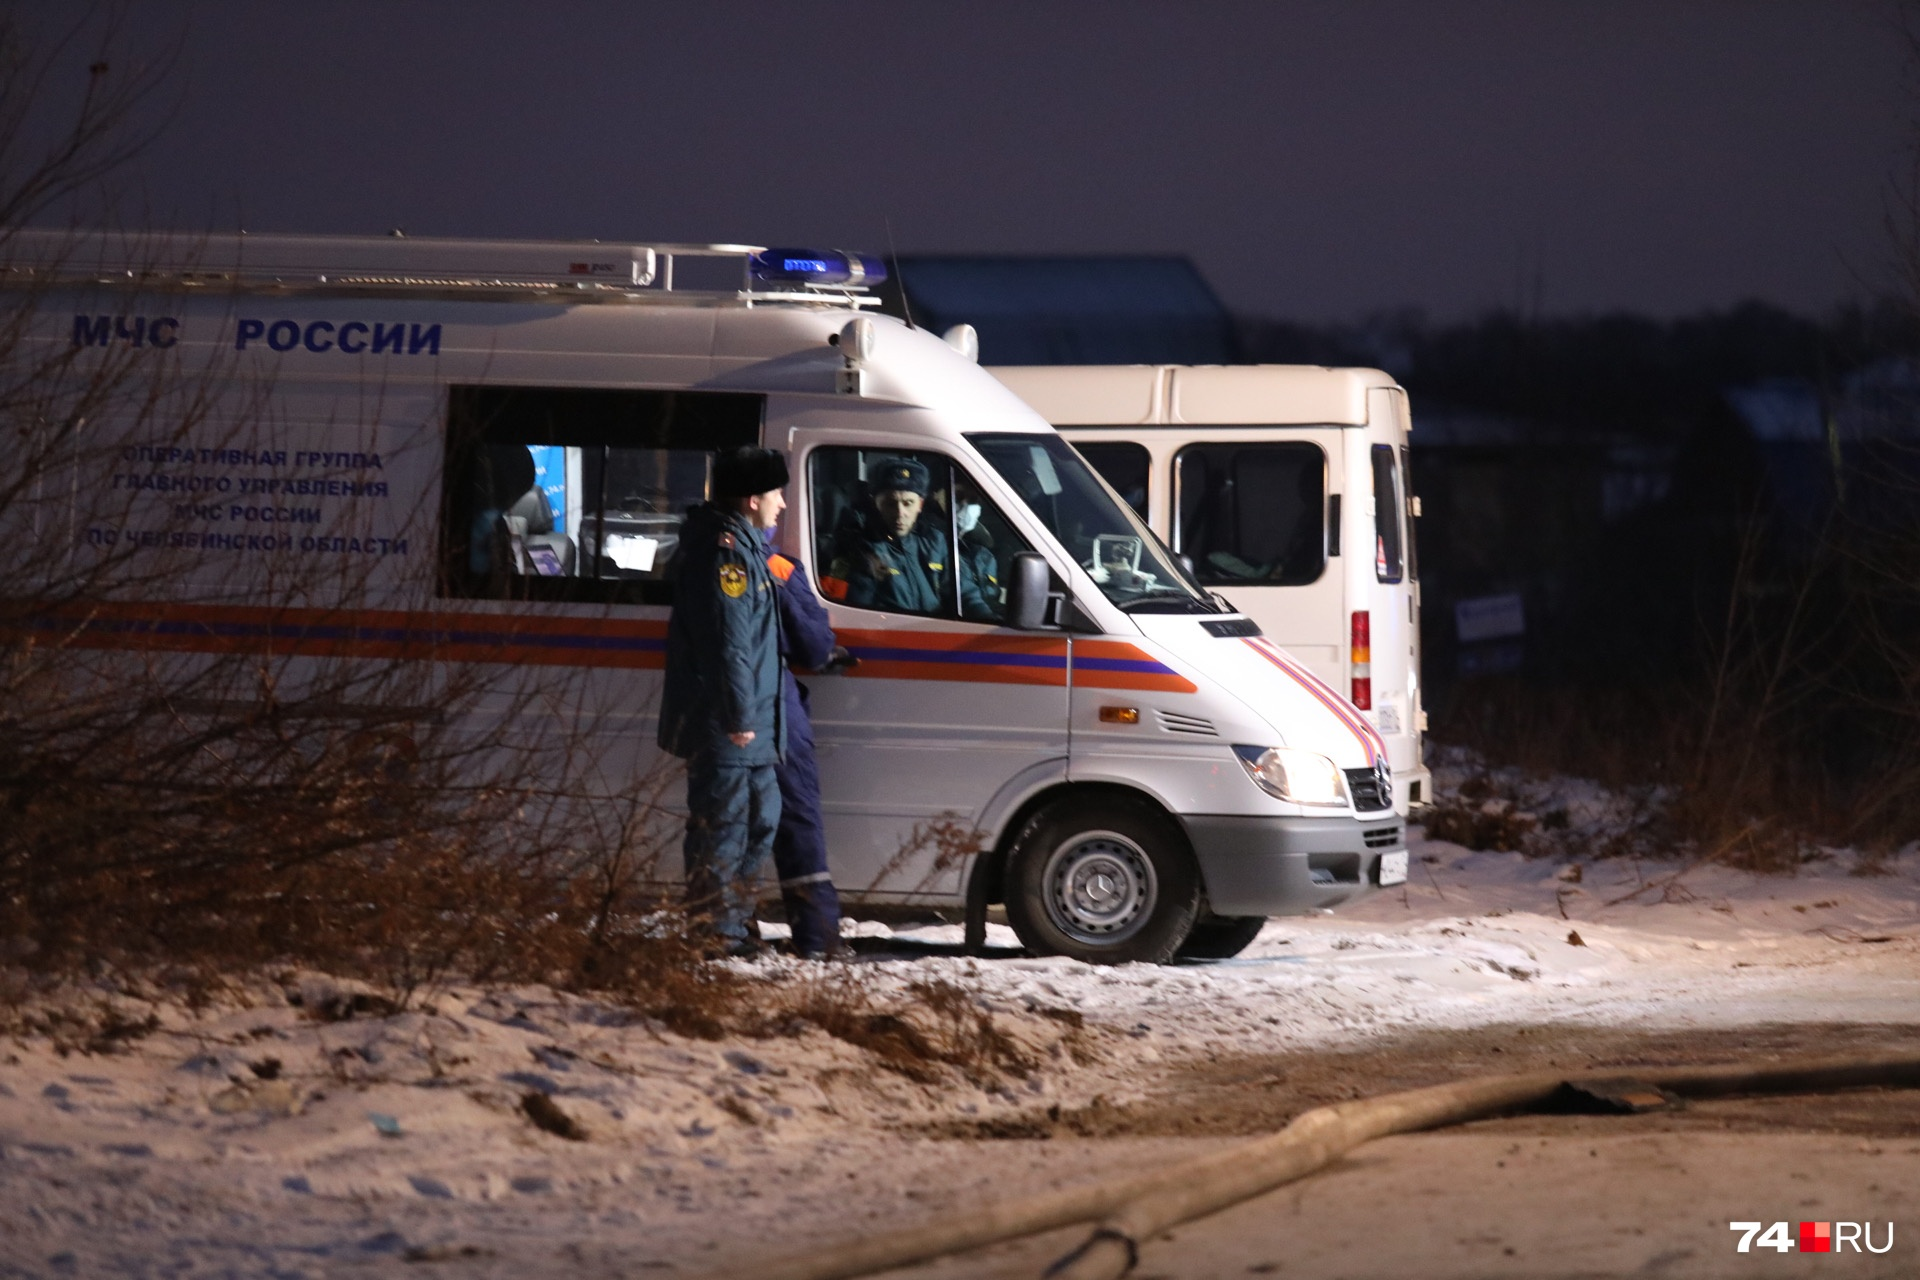 Экстренные службы продолжают работу на месте ЧП. Территория предприятия оцеплена, всех эвакуировали